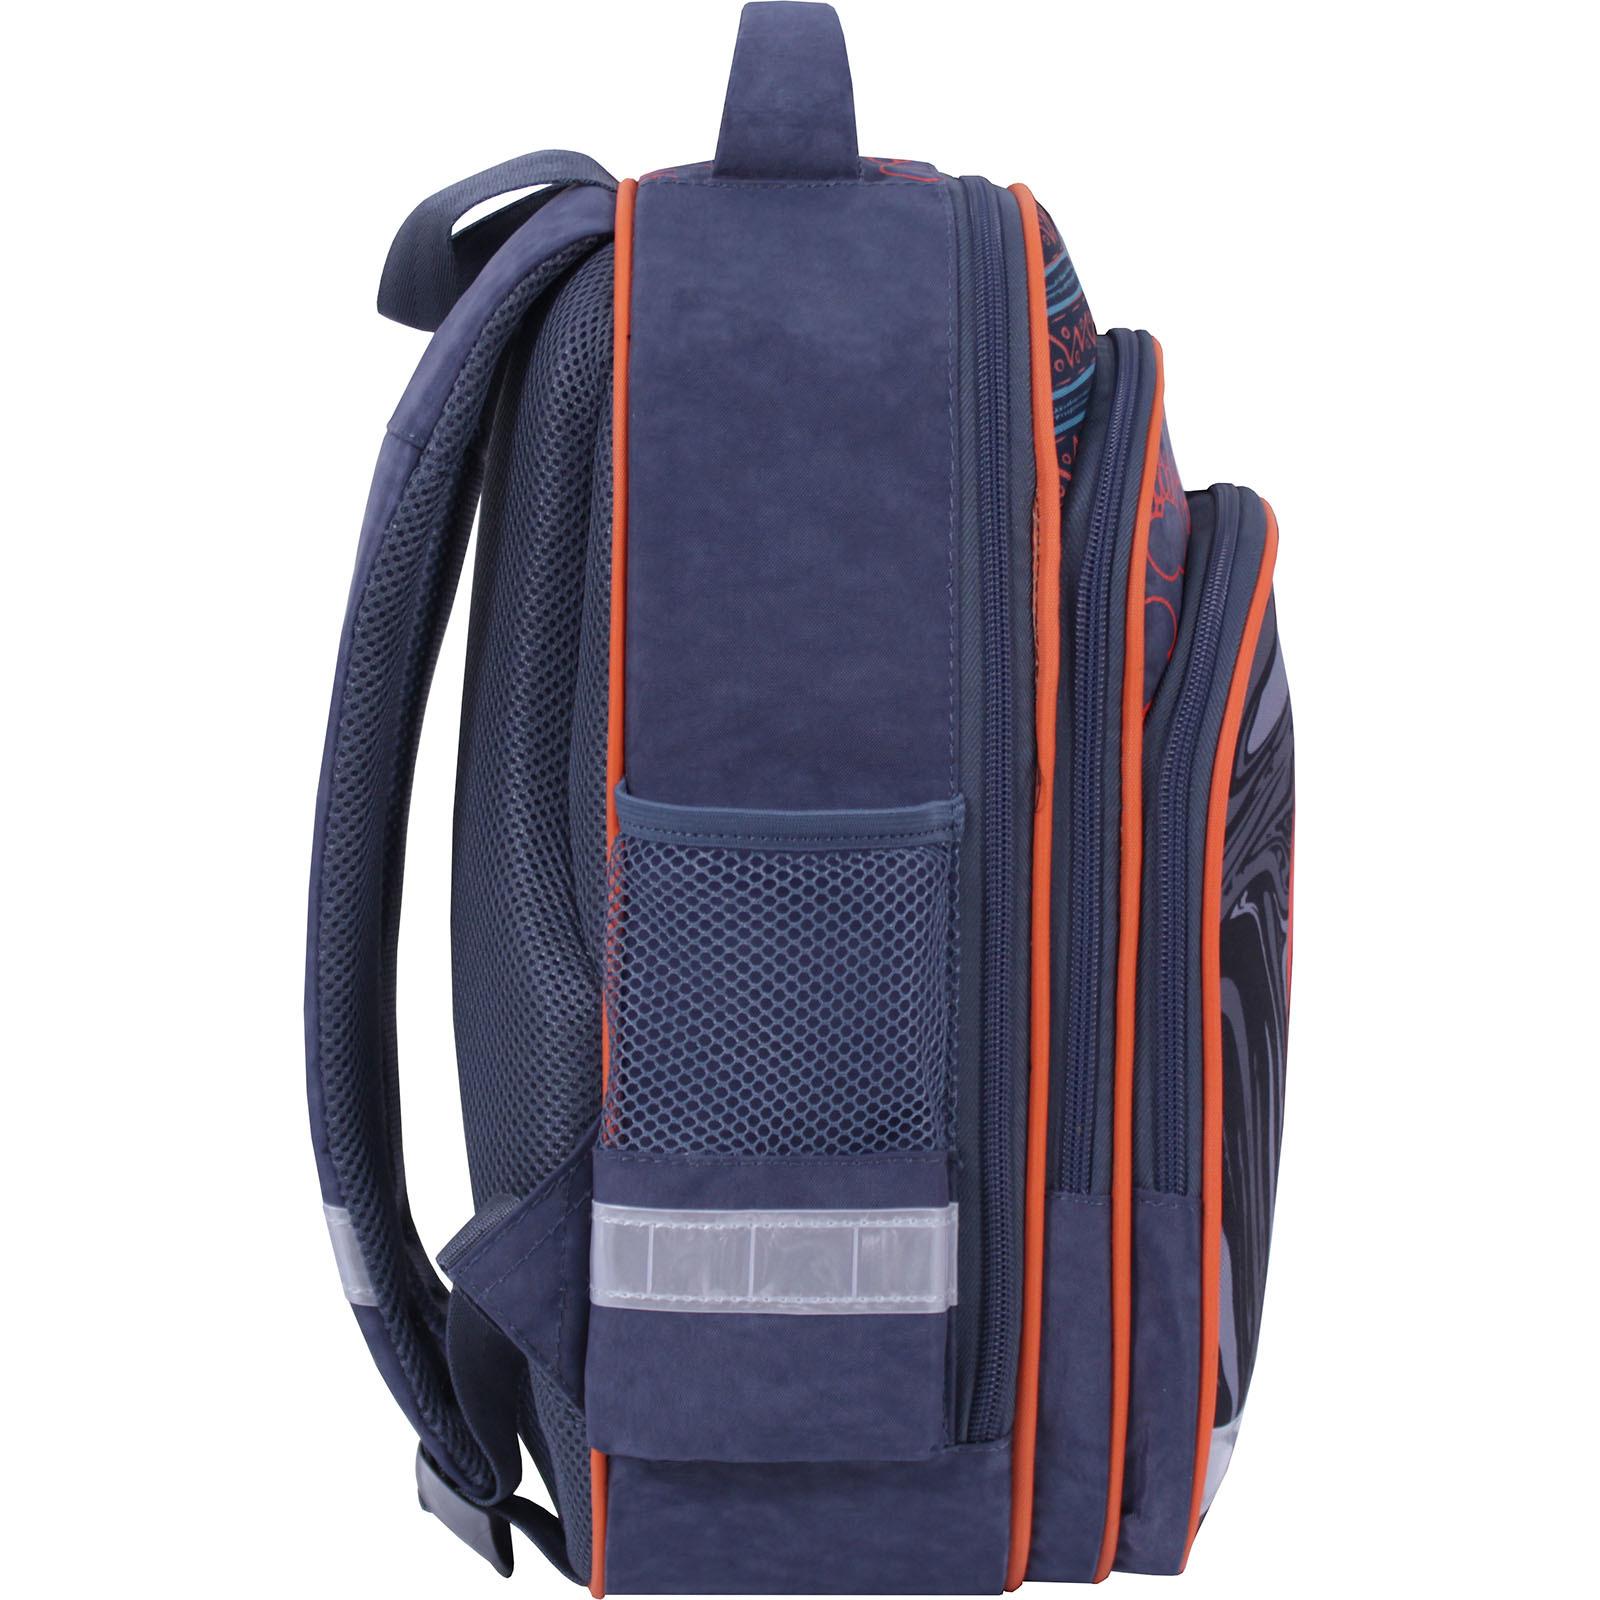 Рюкзак школьный Bagland Mouse 321 серый 509 (0051370) фото 2